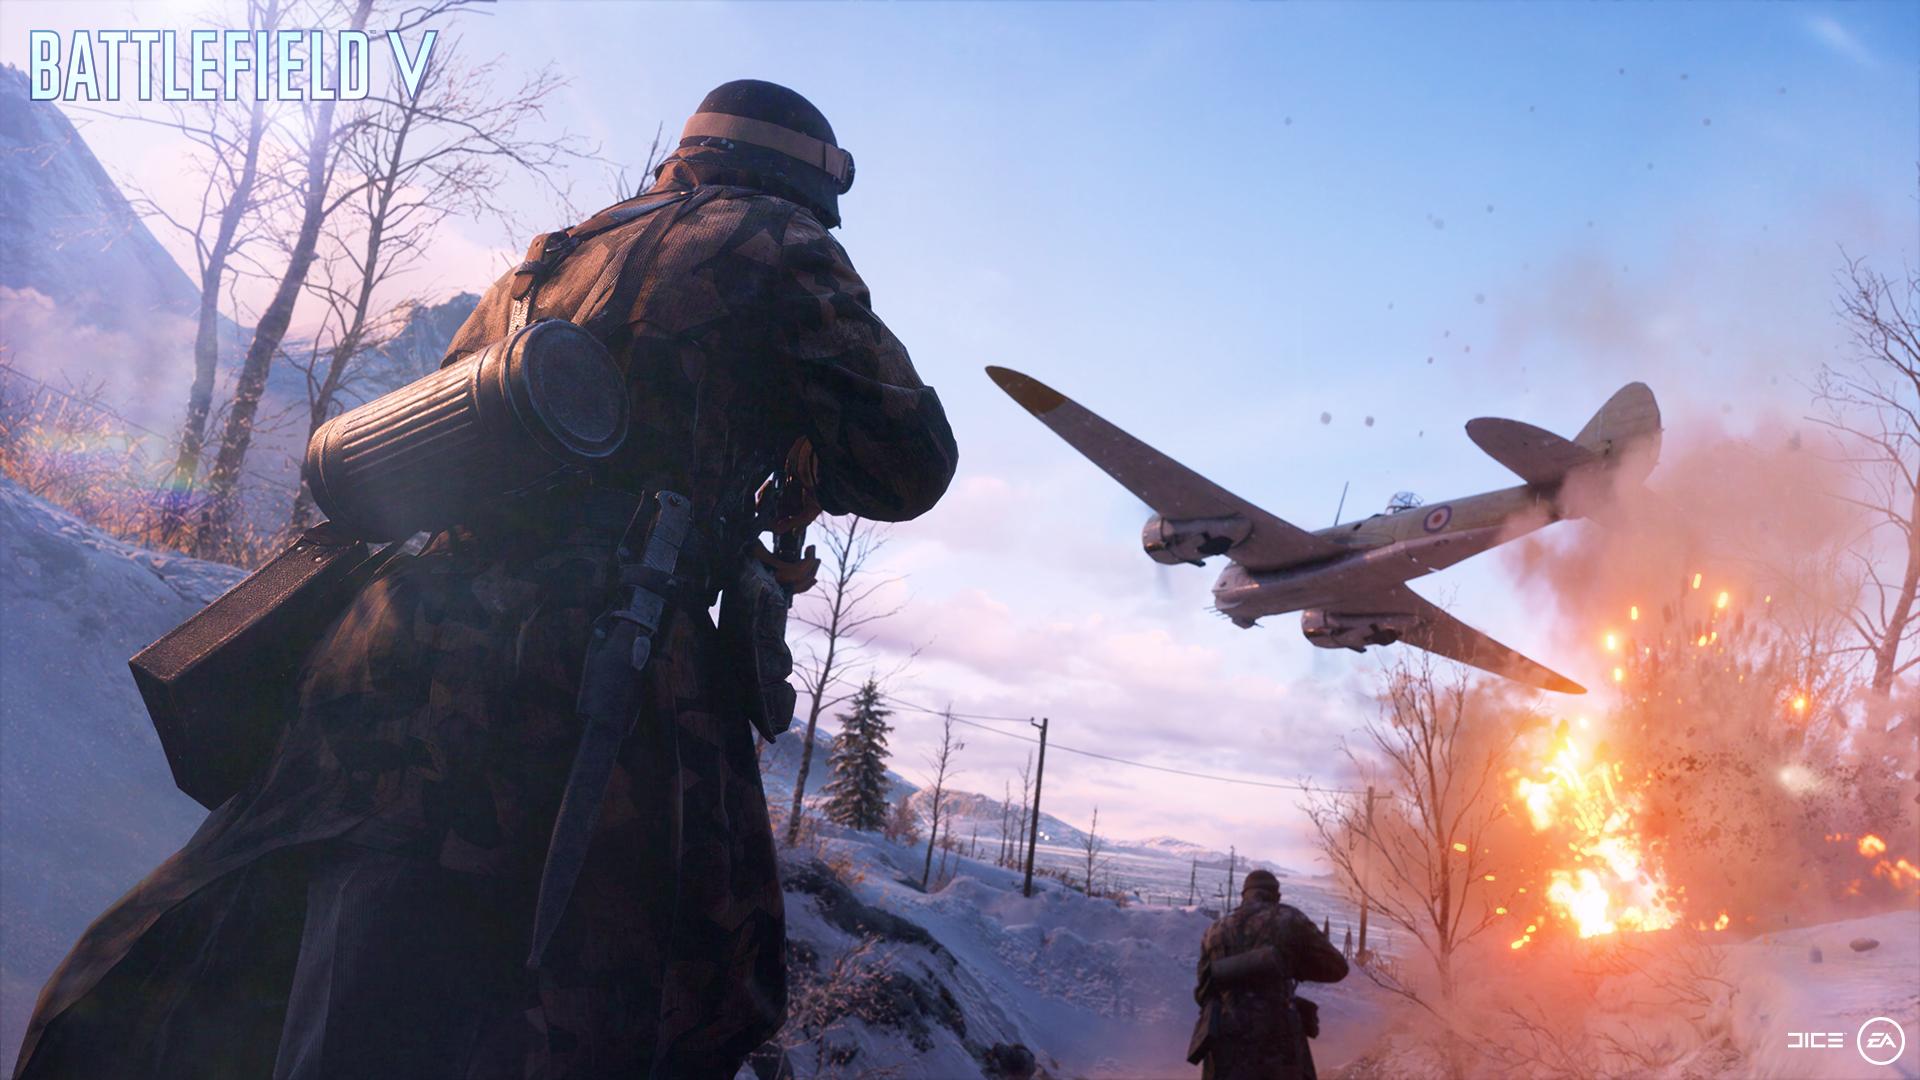 Battlefield V dobit će novi mod kojim žele udariti na Fortnite